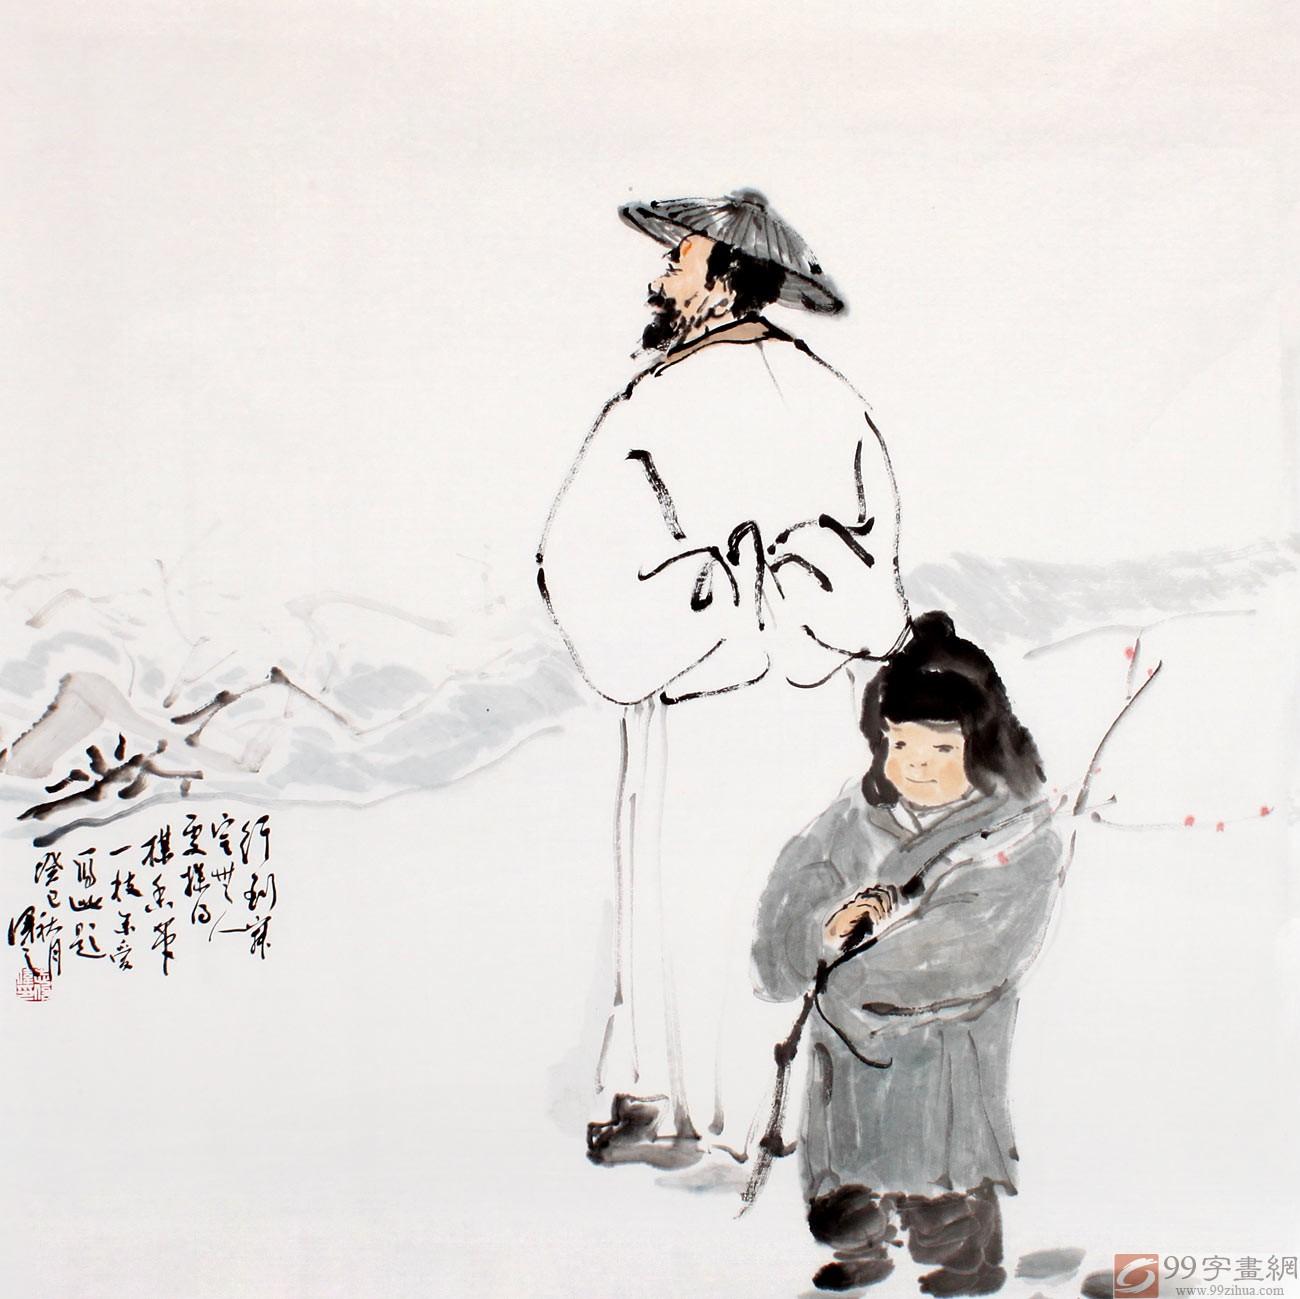 陈漫之四尺斗方水墨人物国画《探梅图》图片